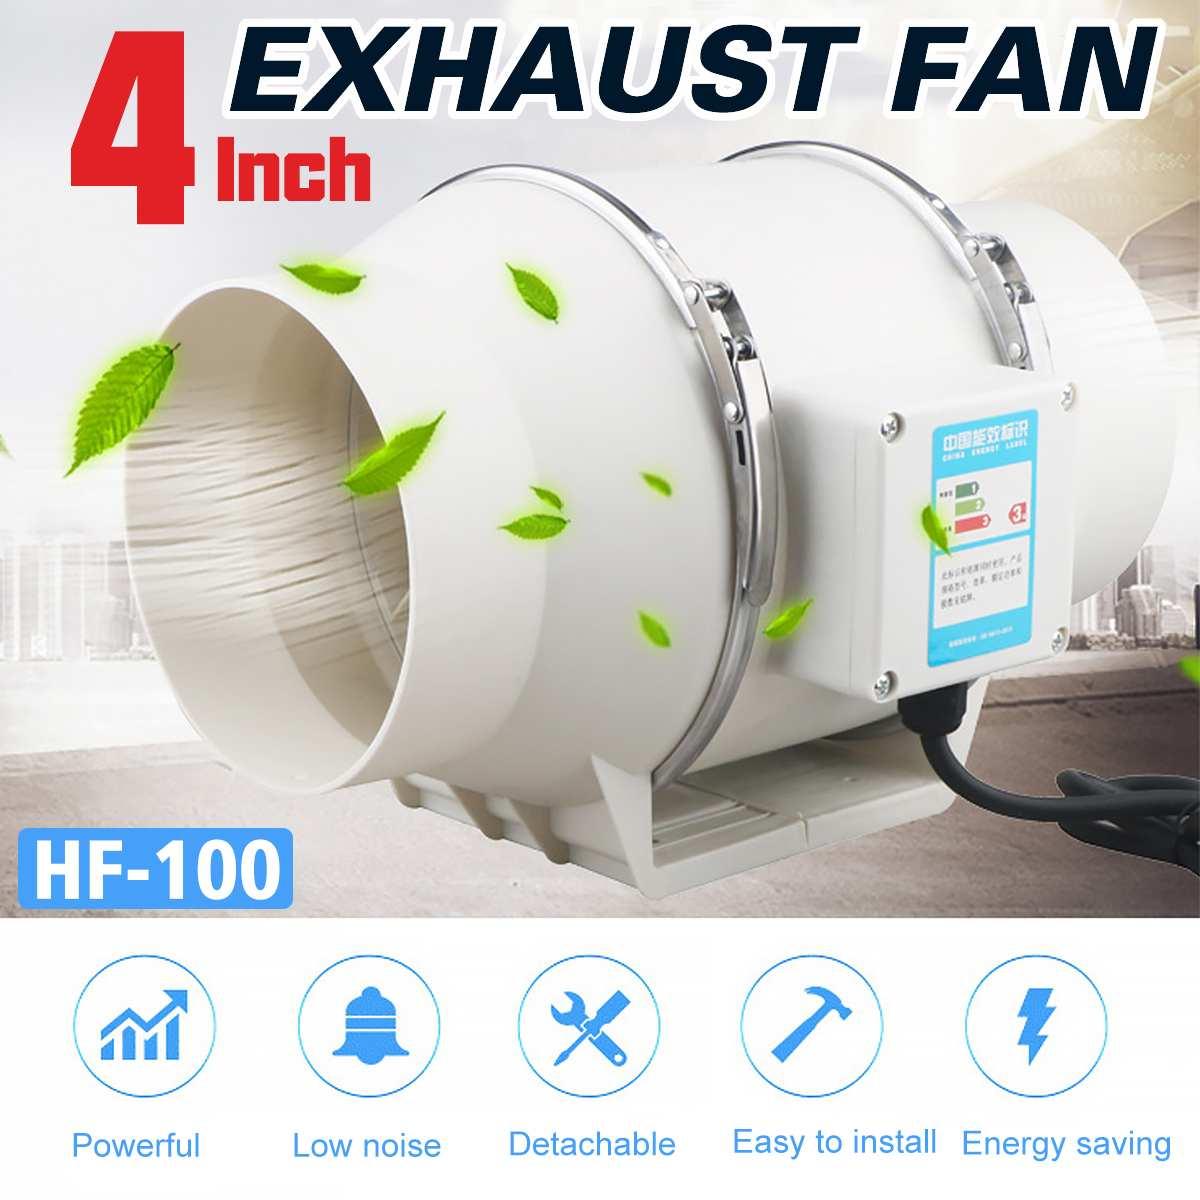 Novo 220V 4 Polegada Baixo Ruído Hidropônico Inline Duto de Ventilação ventilação Exaustor Ventilador Ventilador de Ar para Casa de Banho e Sala de Crescer